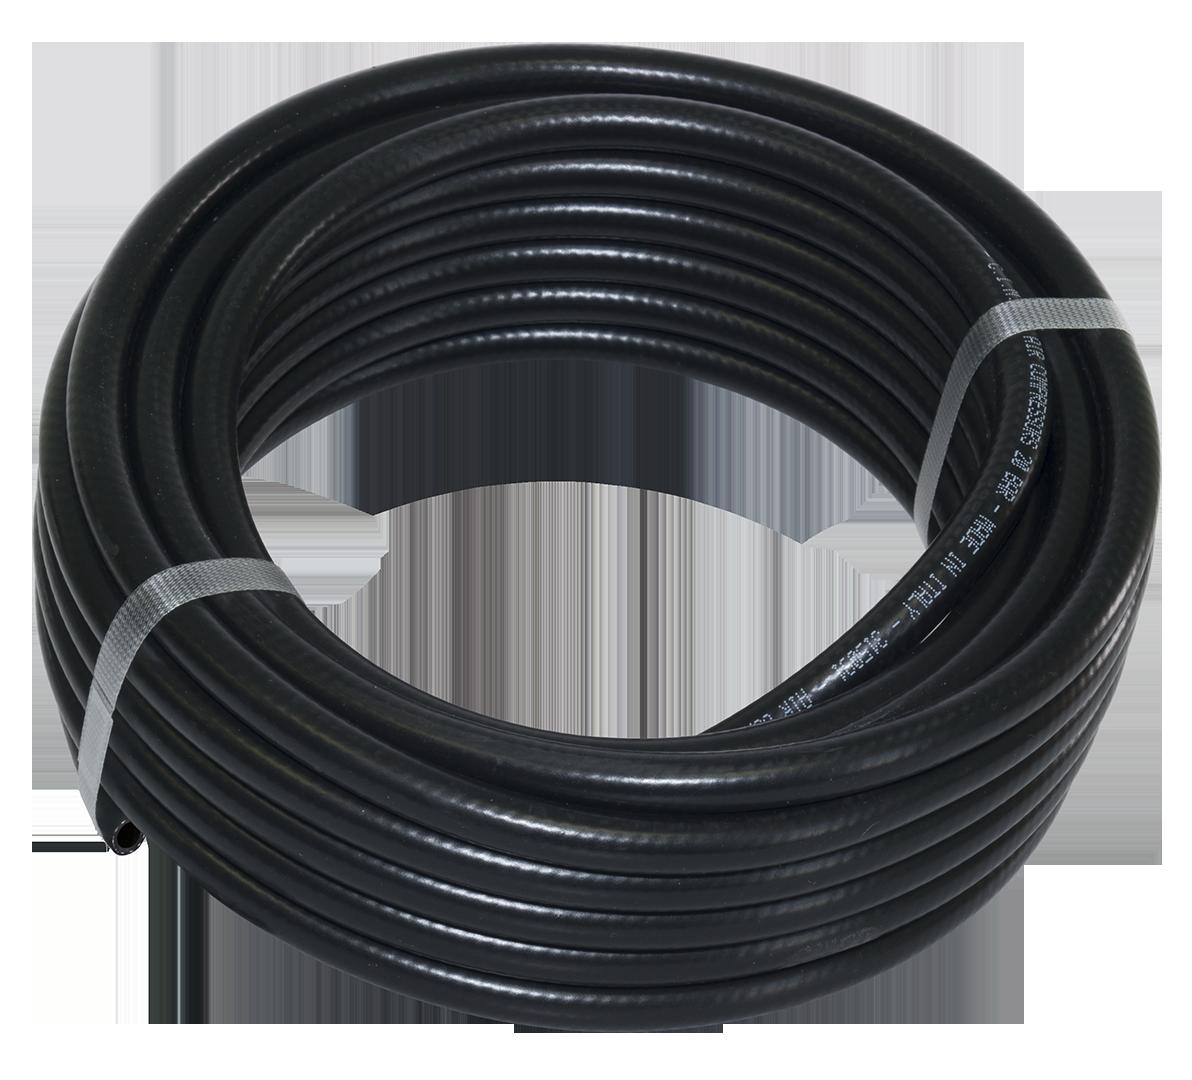 Шланг бухта Fubag маслостойкая термопластичная резина 20бар 6 х11мм 170108